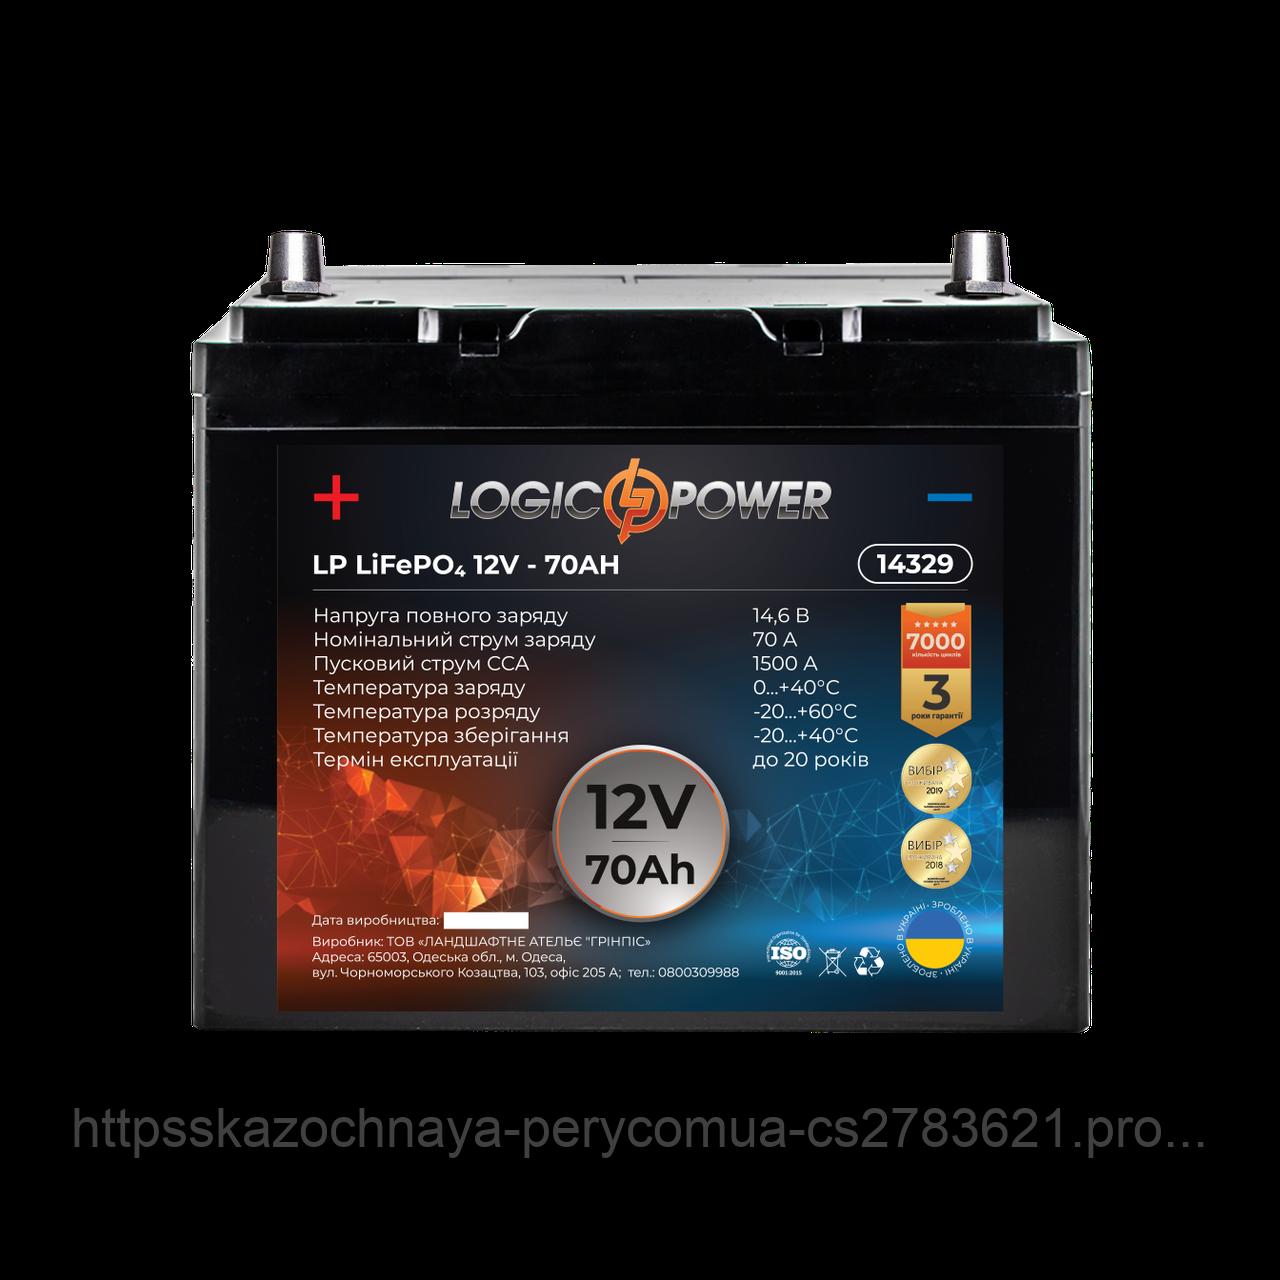 Акумулятор для автомобіля літієвий LP LiFePO4 12V - 70 Ah (+ зліва, пряма полярність) пластик